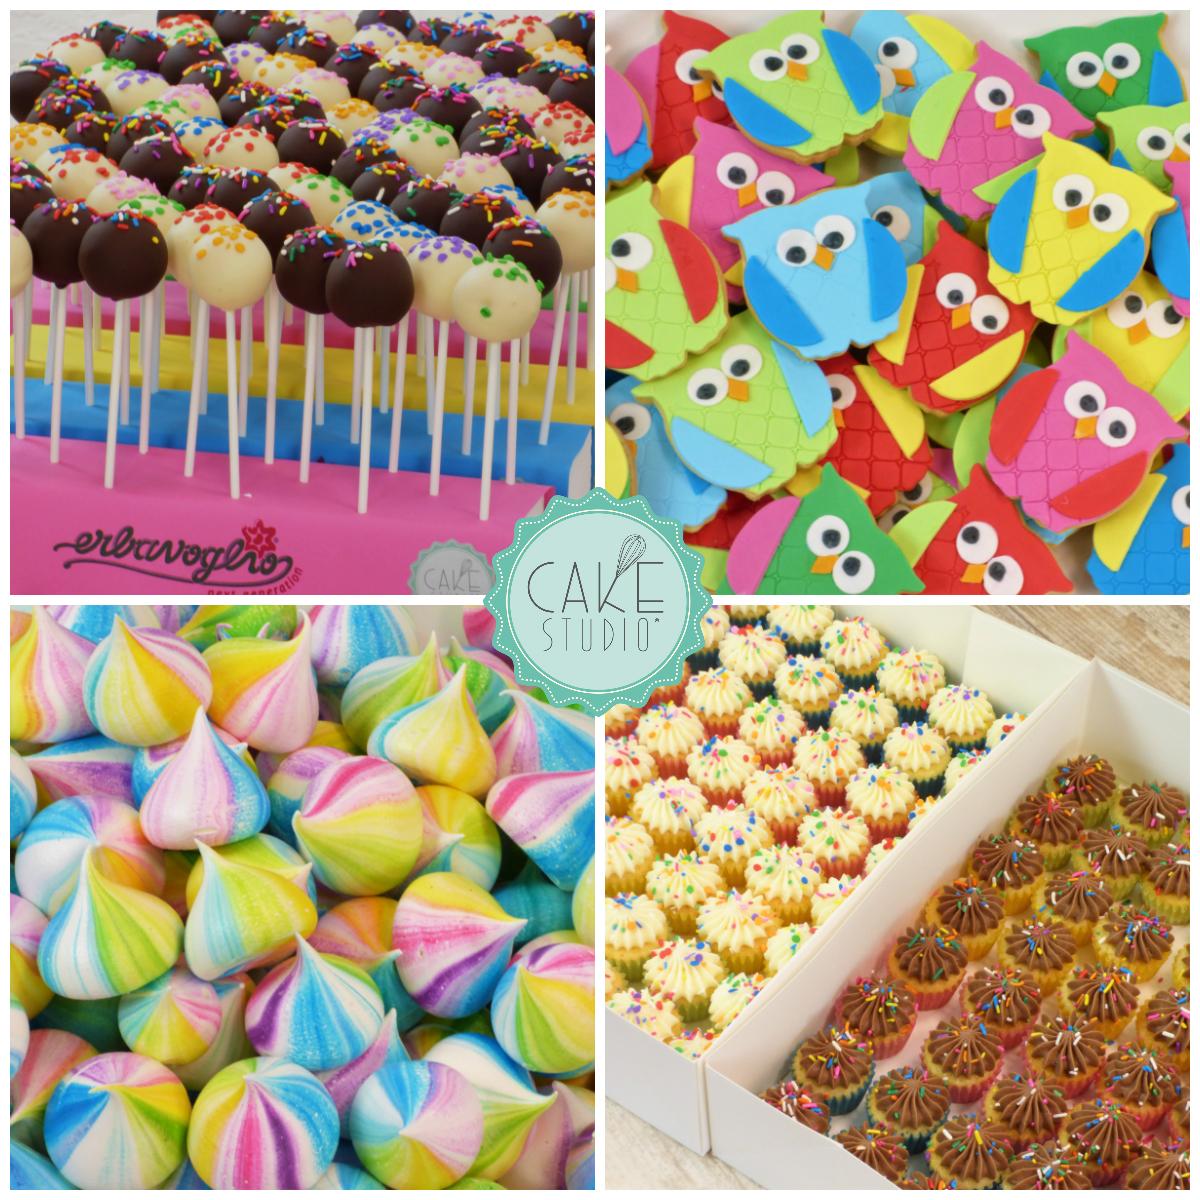 meringhe arccobaleno, minicupcake cake pop biscotti gufo per evento aziendale erbavoglio